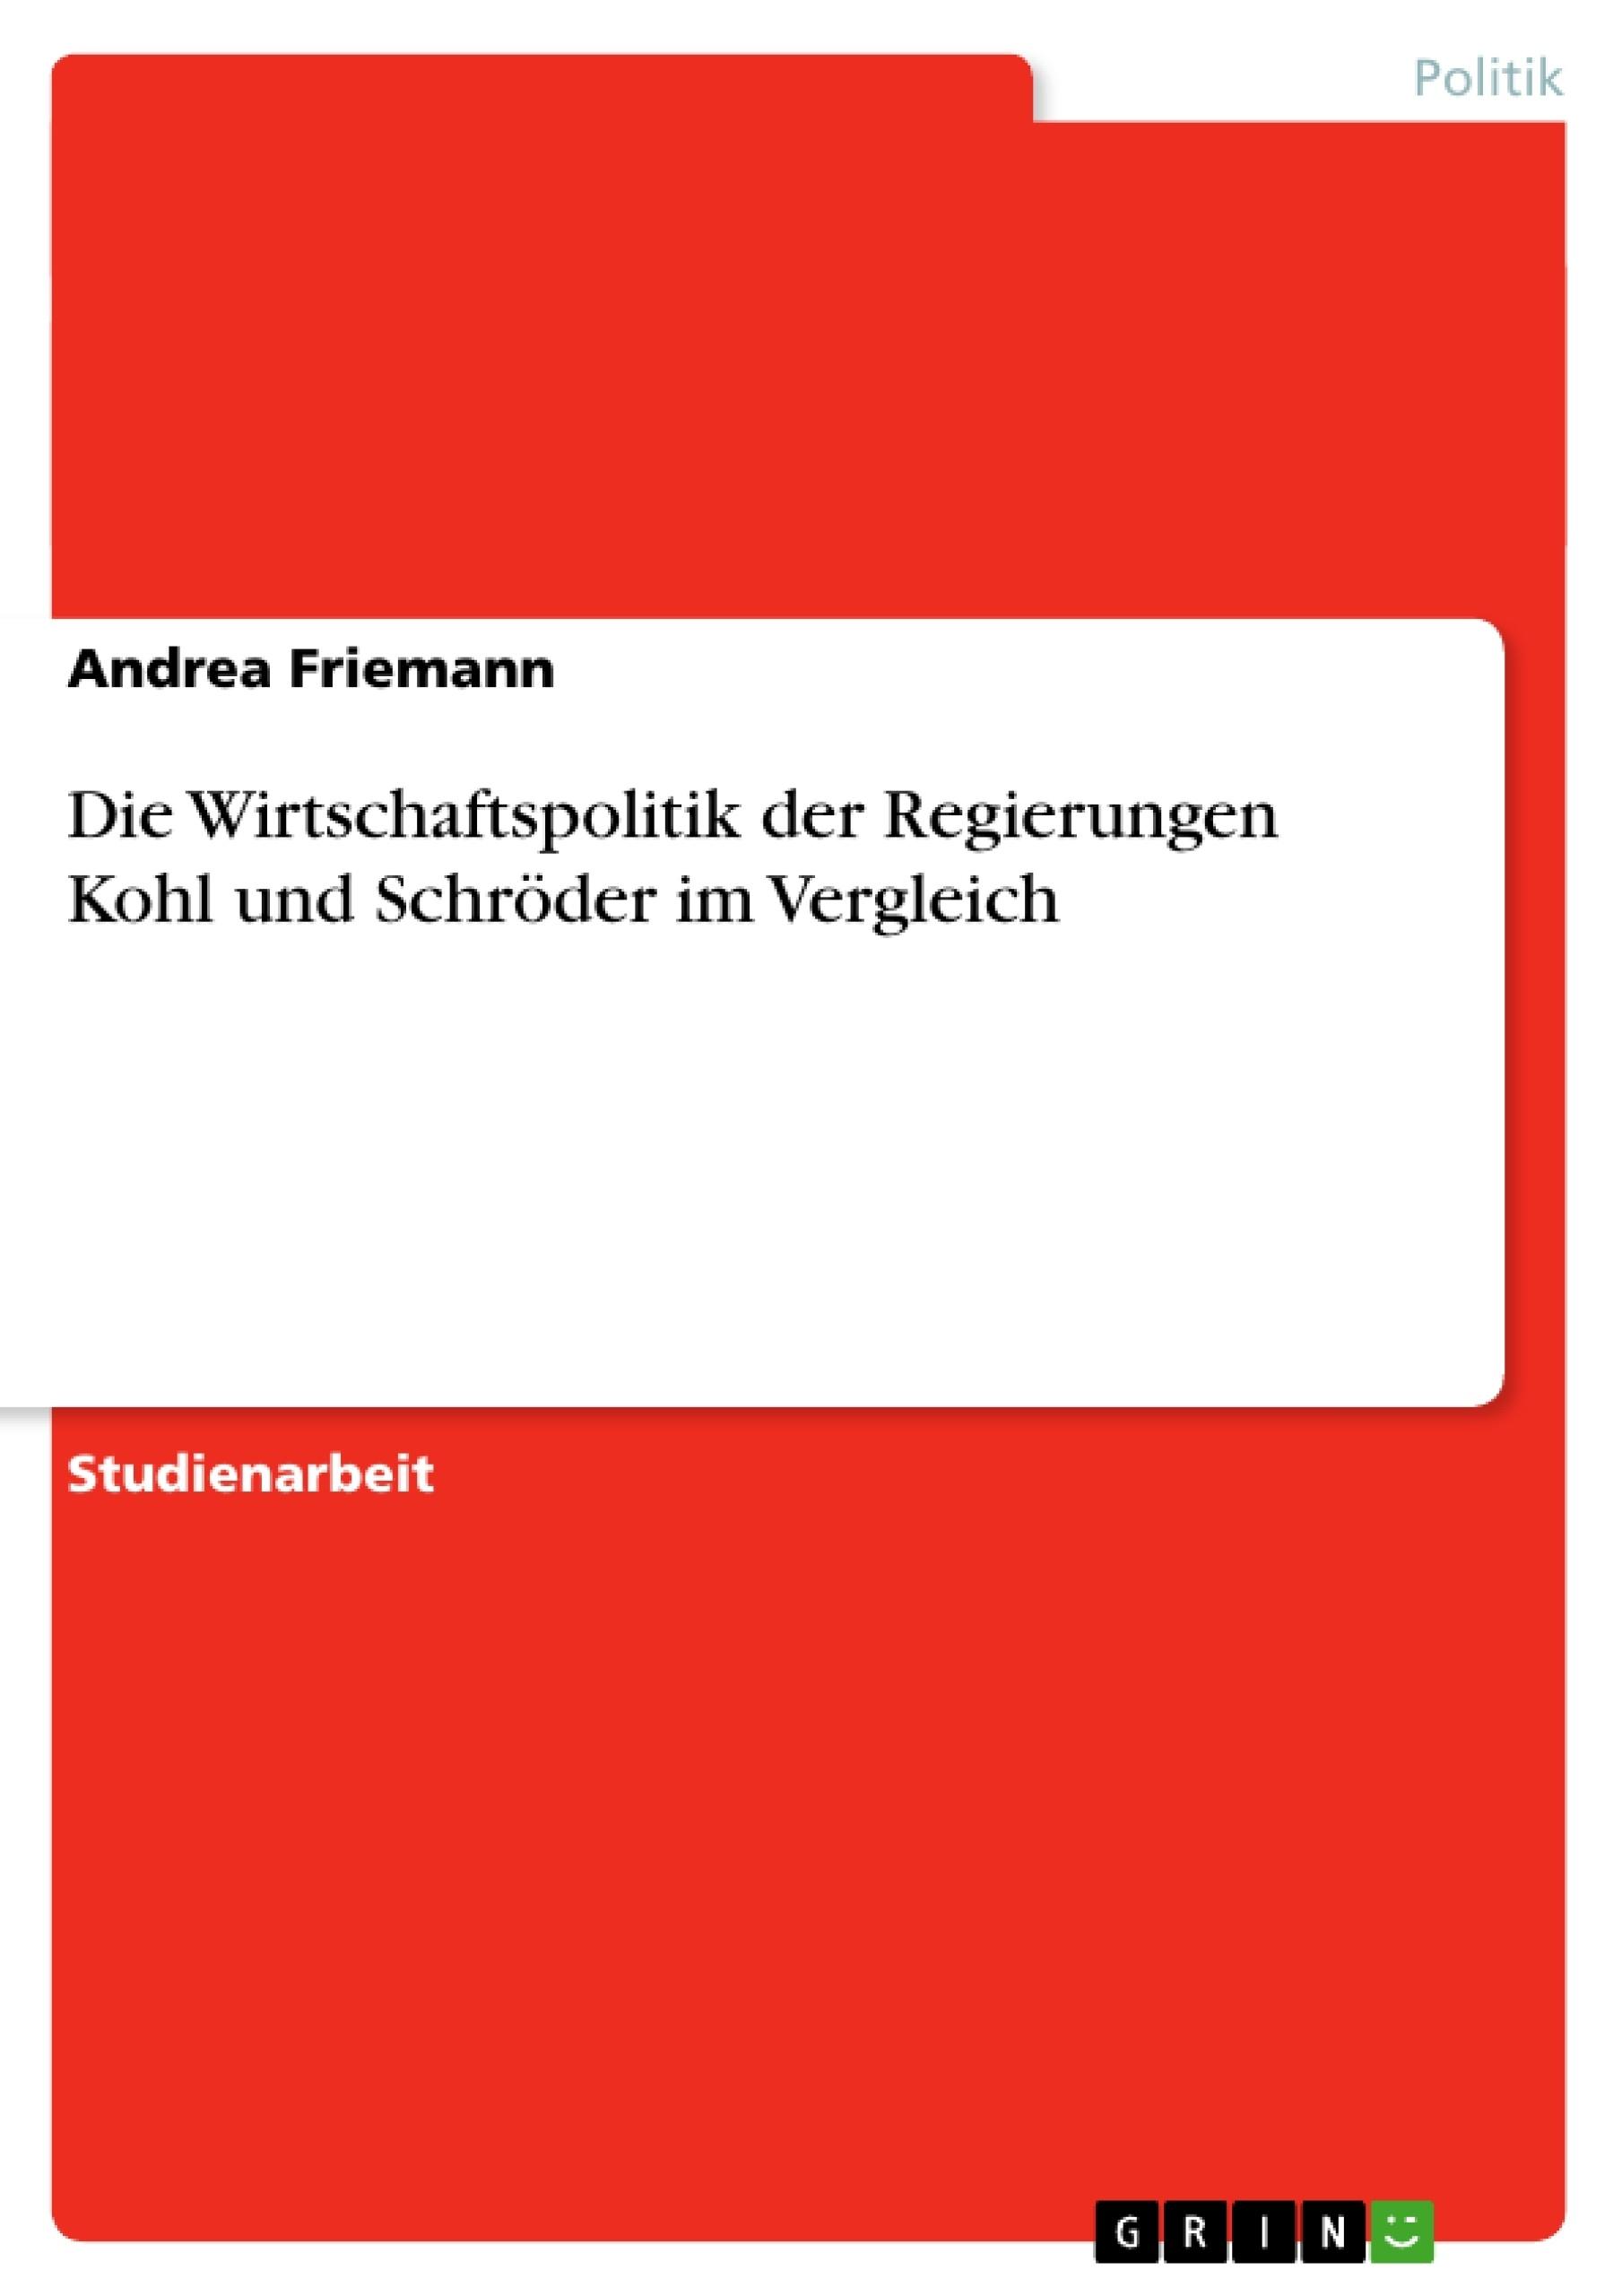 Titel: Die Wirtschaftspolitik der Regierungen Kohl und Schröder im Vergleich